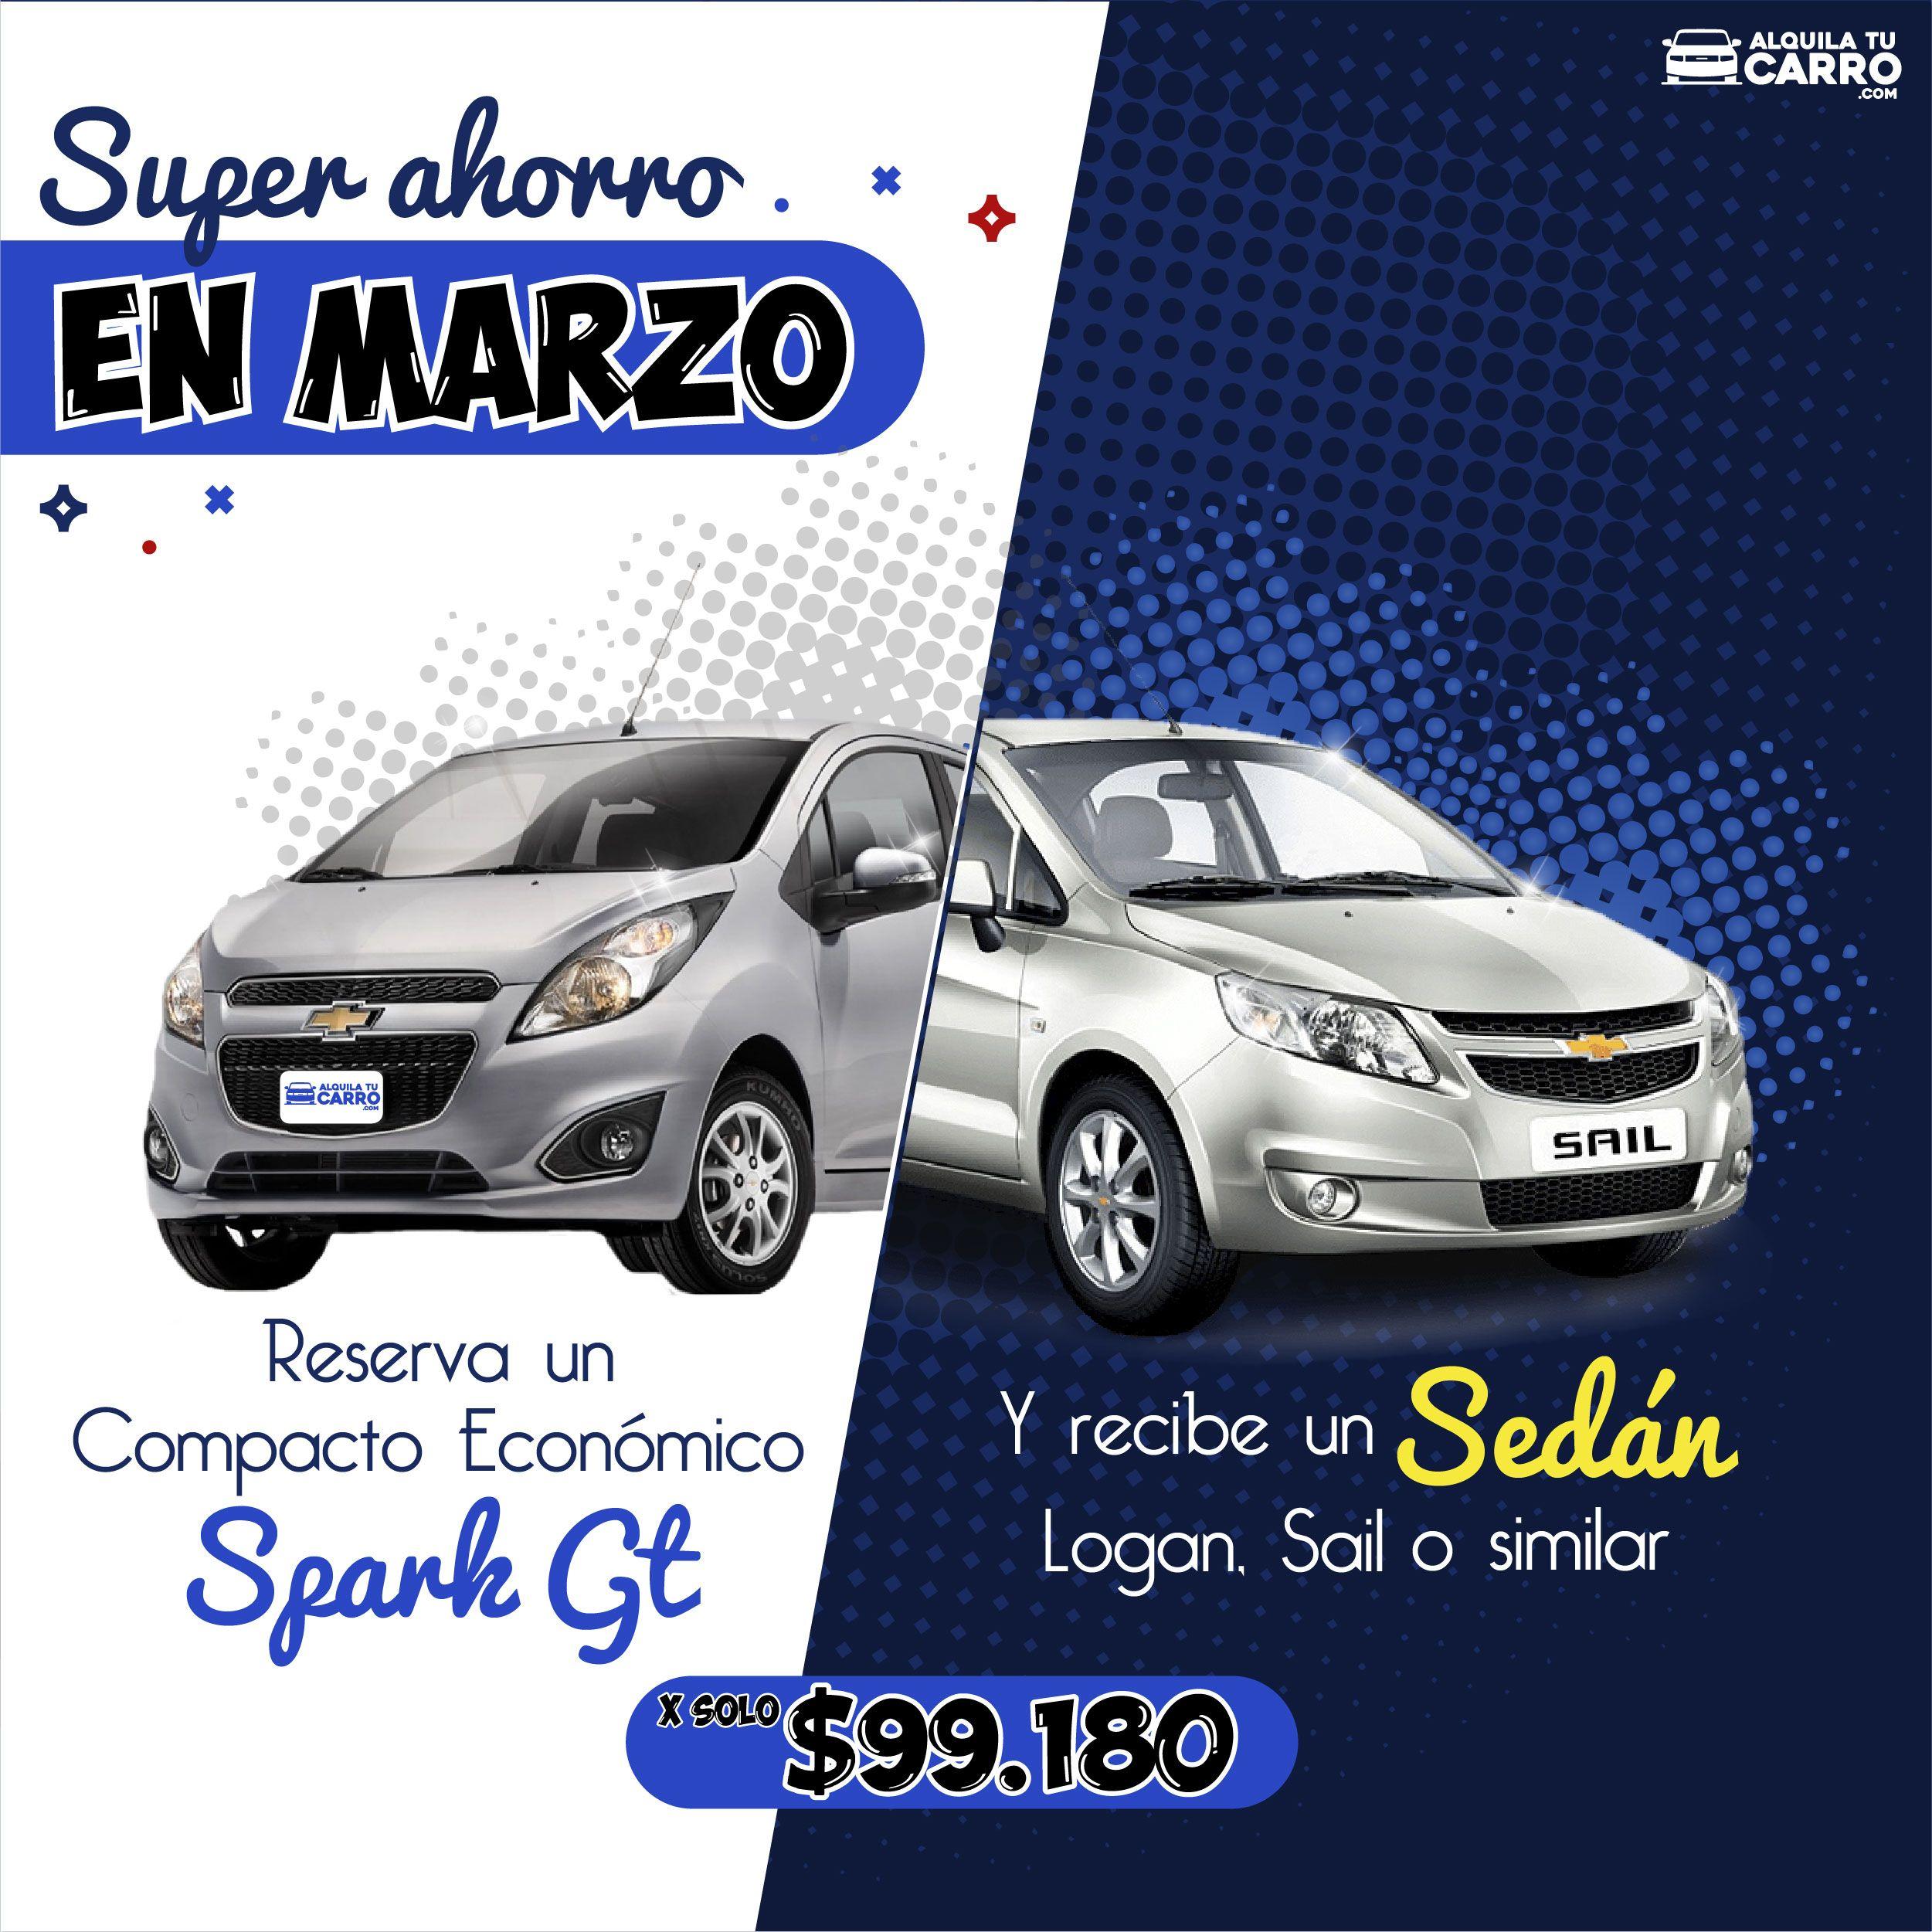 Reserva Un Compacto Economico Spark Gt Y Recibe Un Sedan Mecanico